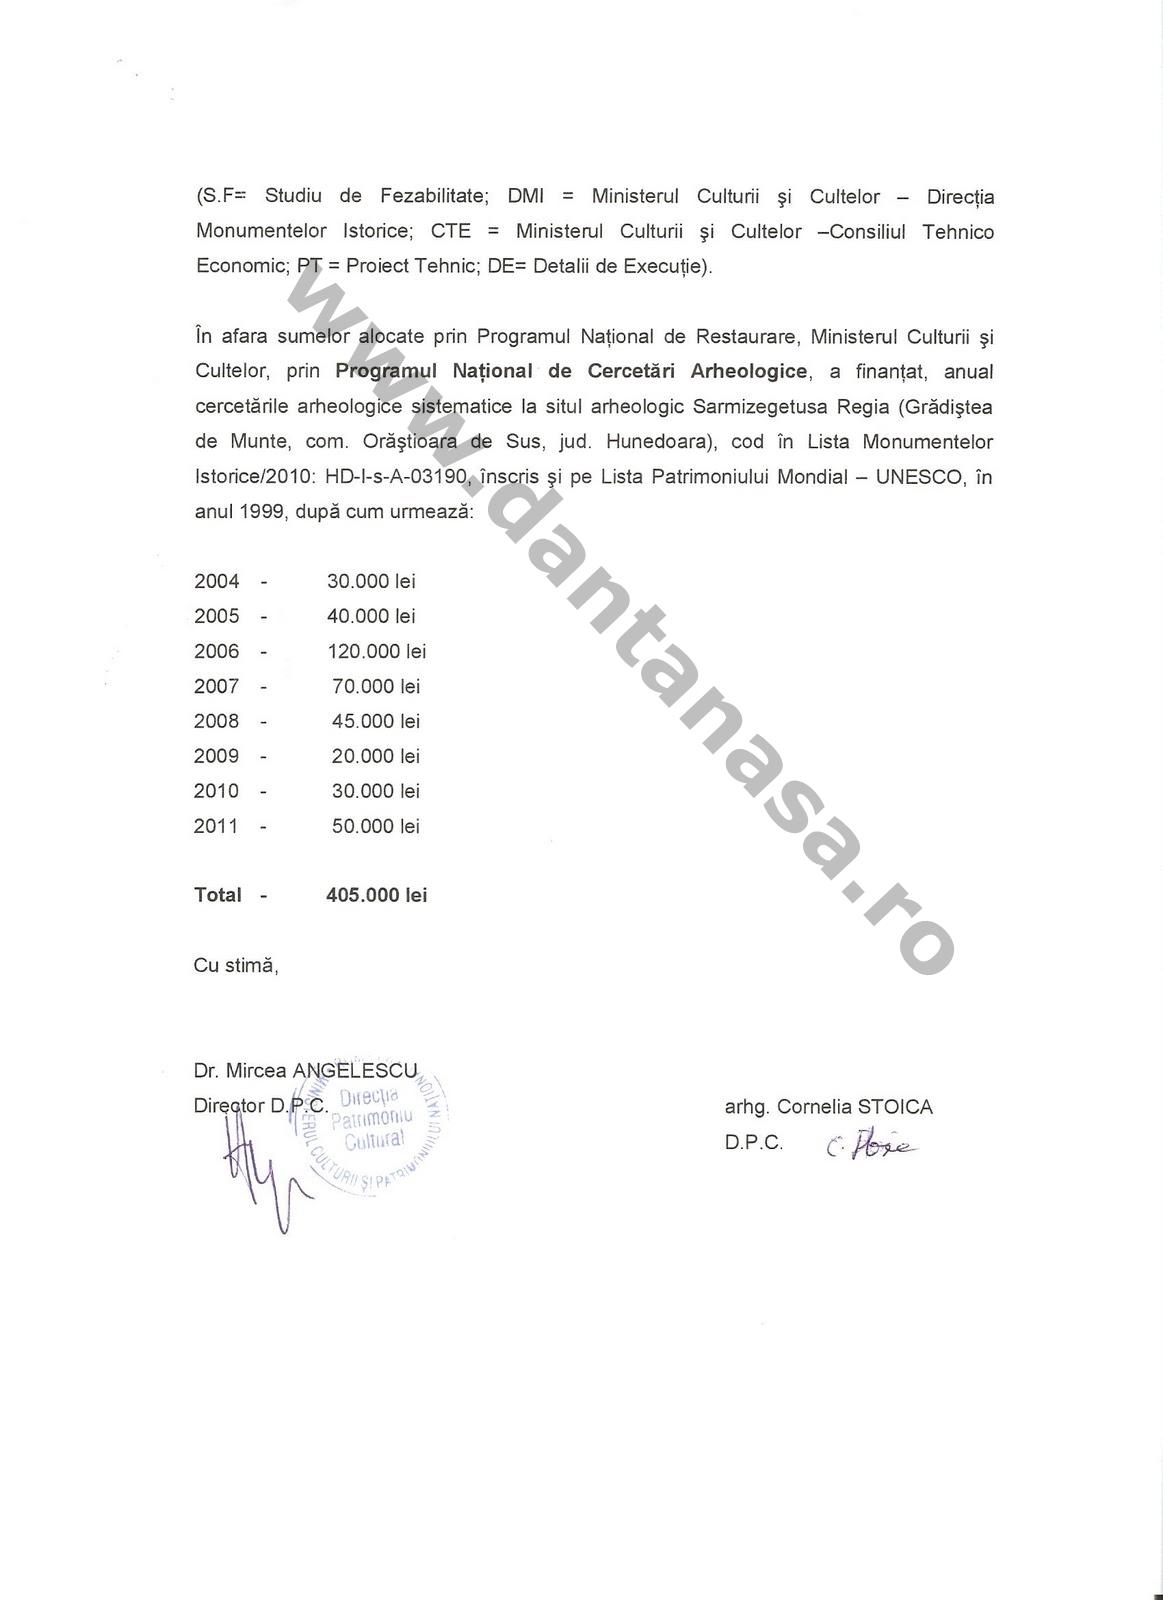 Kelemen Hunor fonduri Sarmizegetura Regia 3